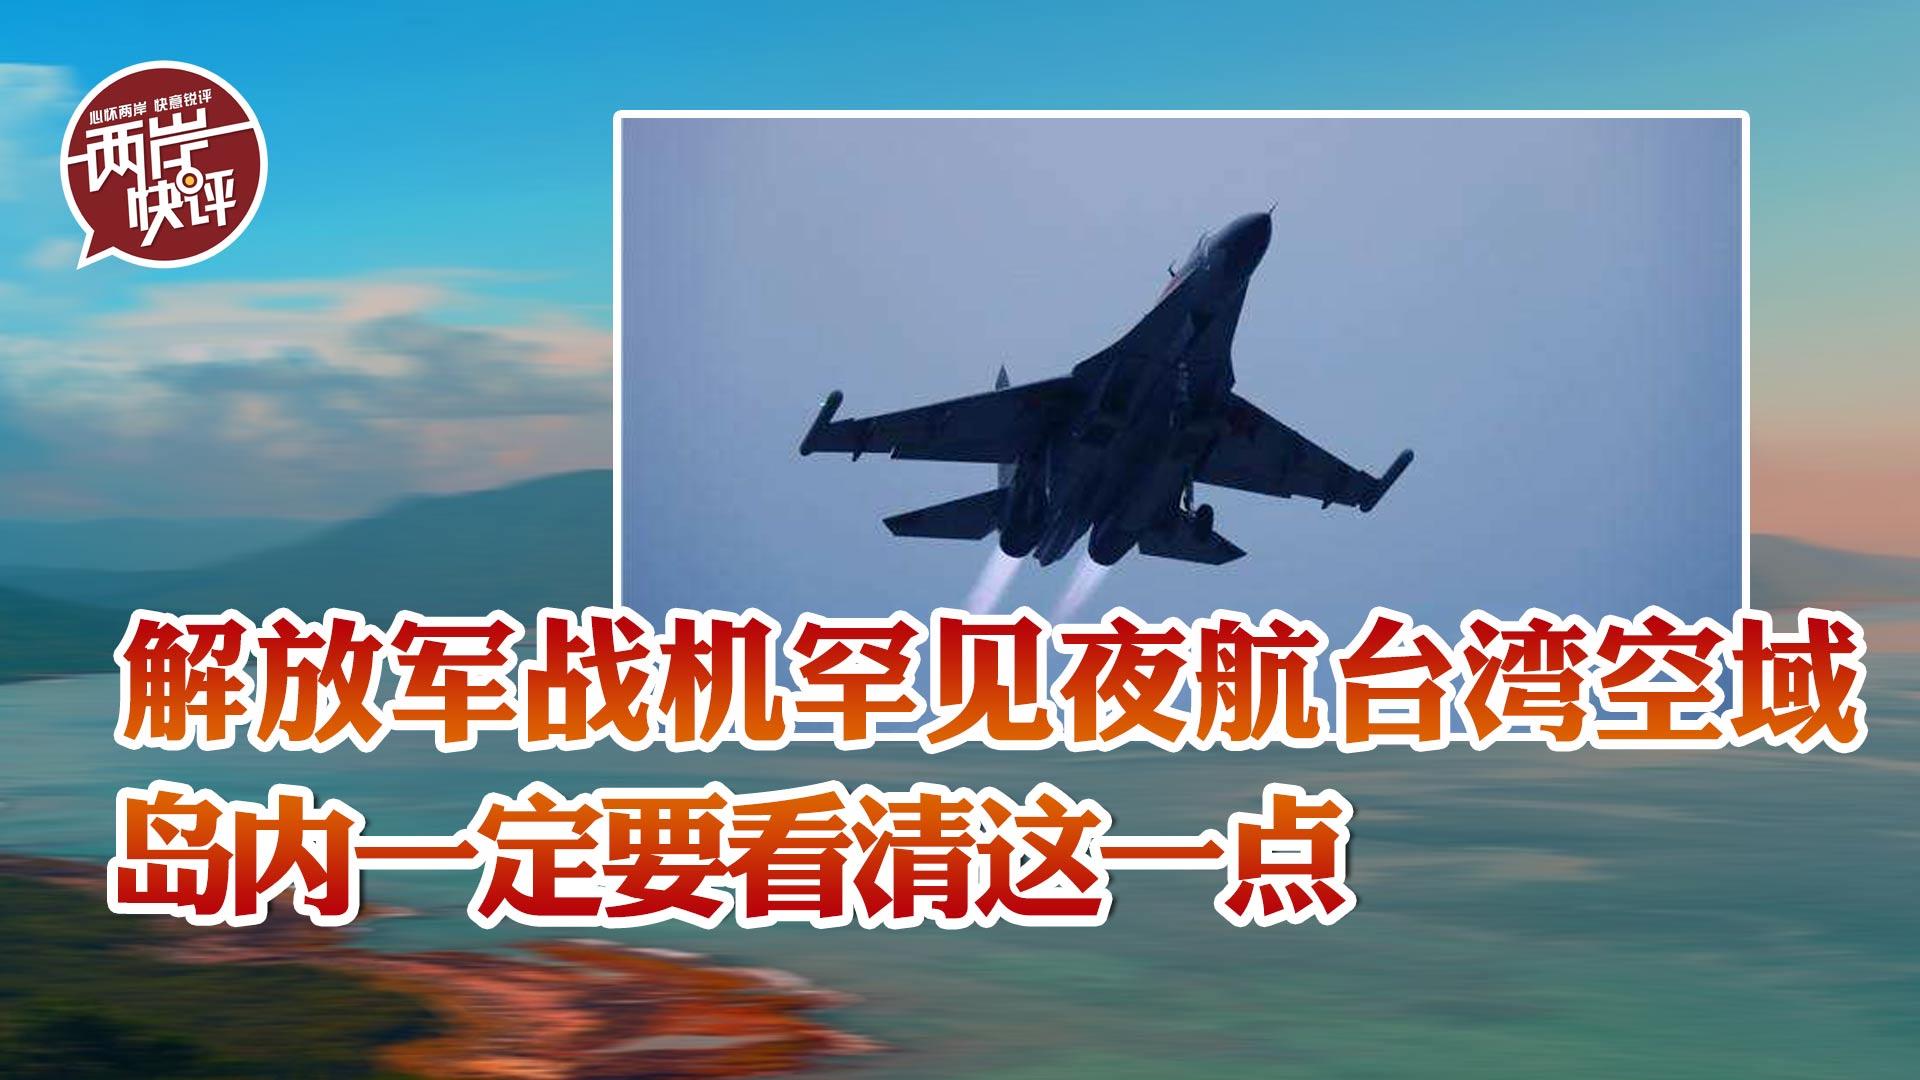 大陸戰機罕見夜航現身臺灣空域,島內一定要看清這一點圖片